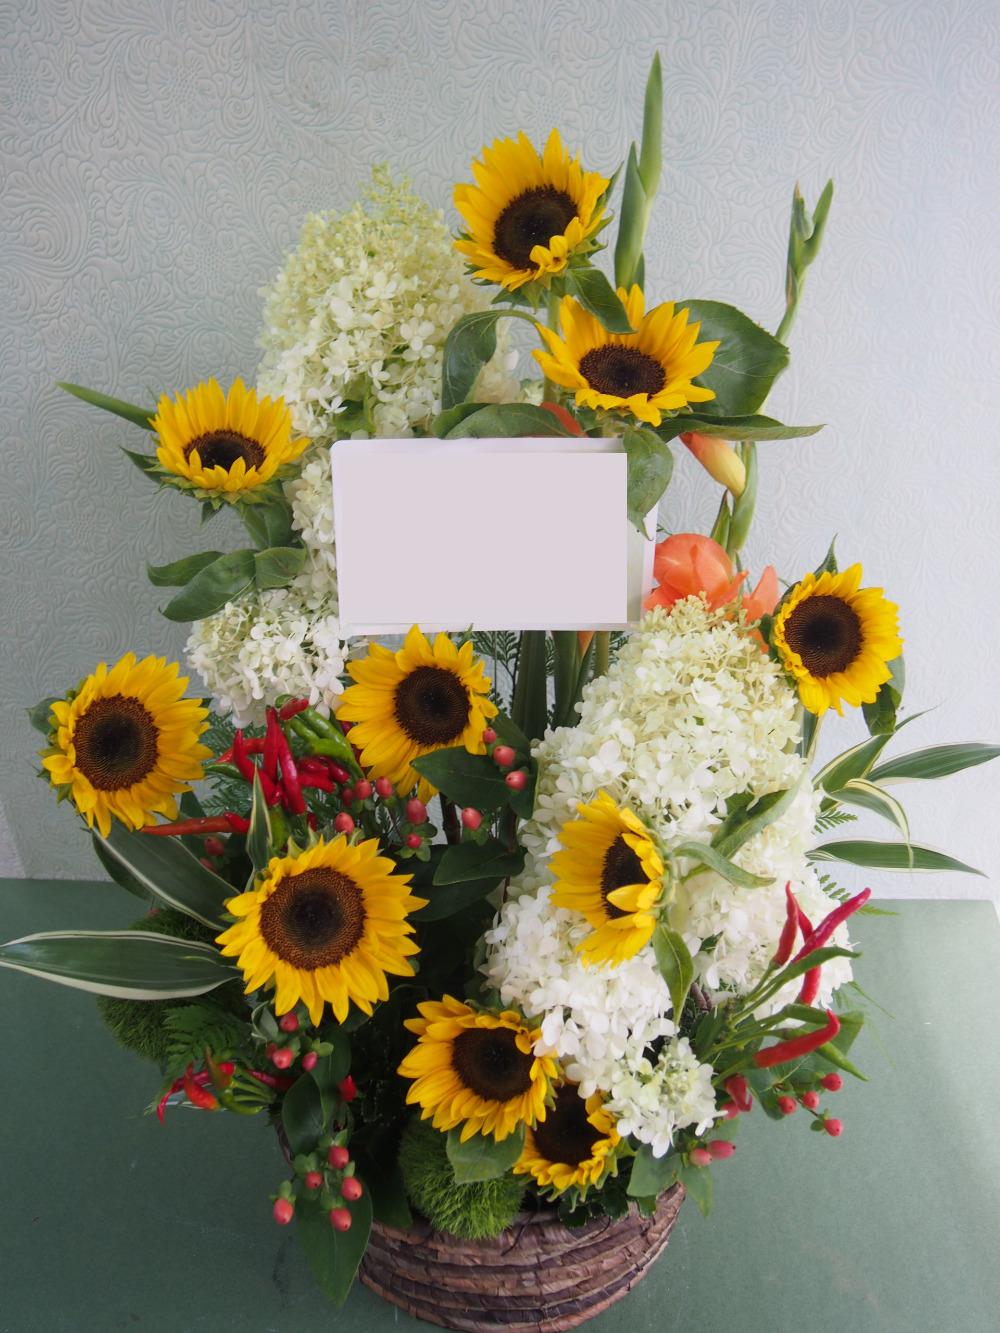 黄色を基調としたご開業お祝い花